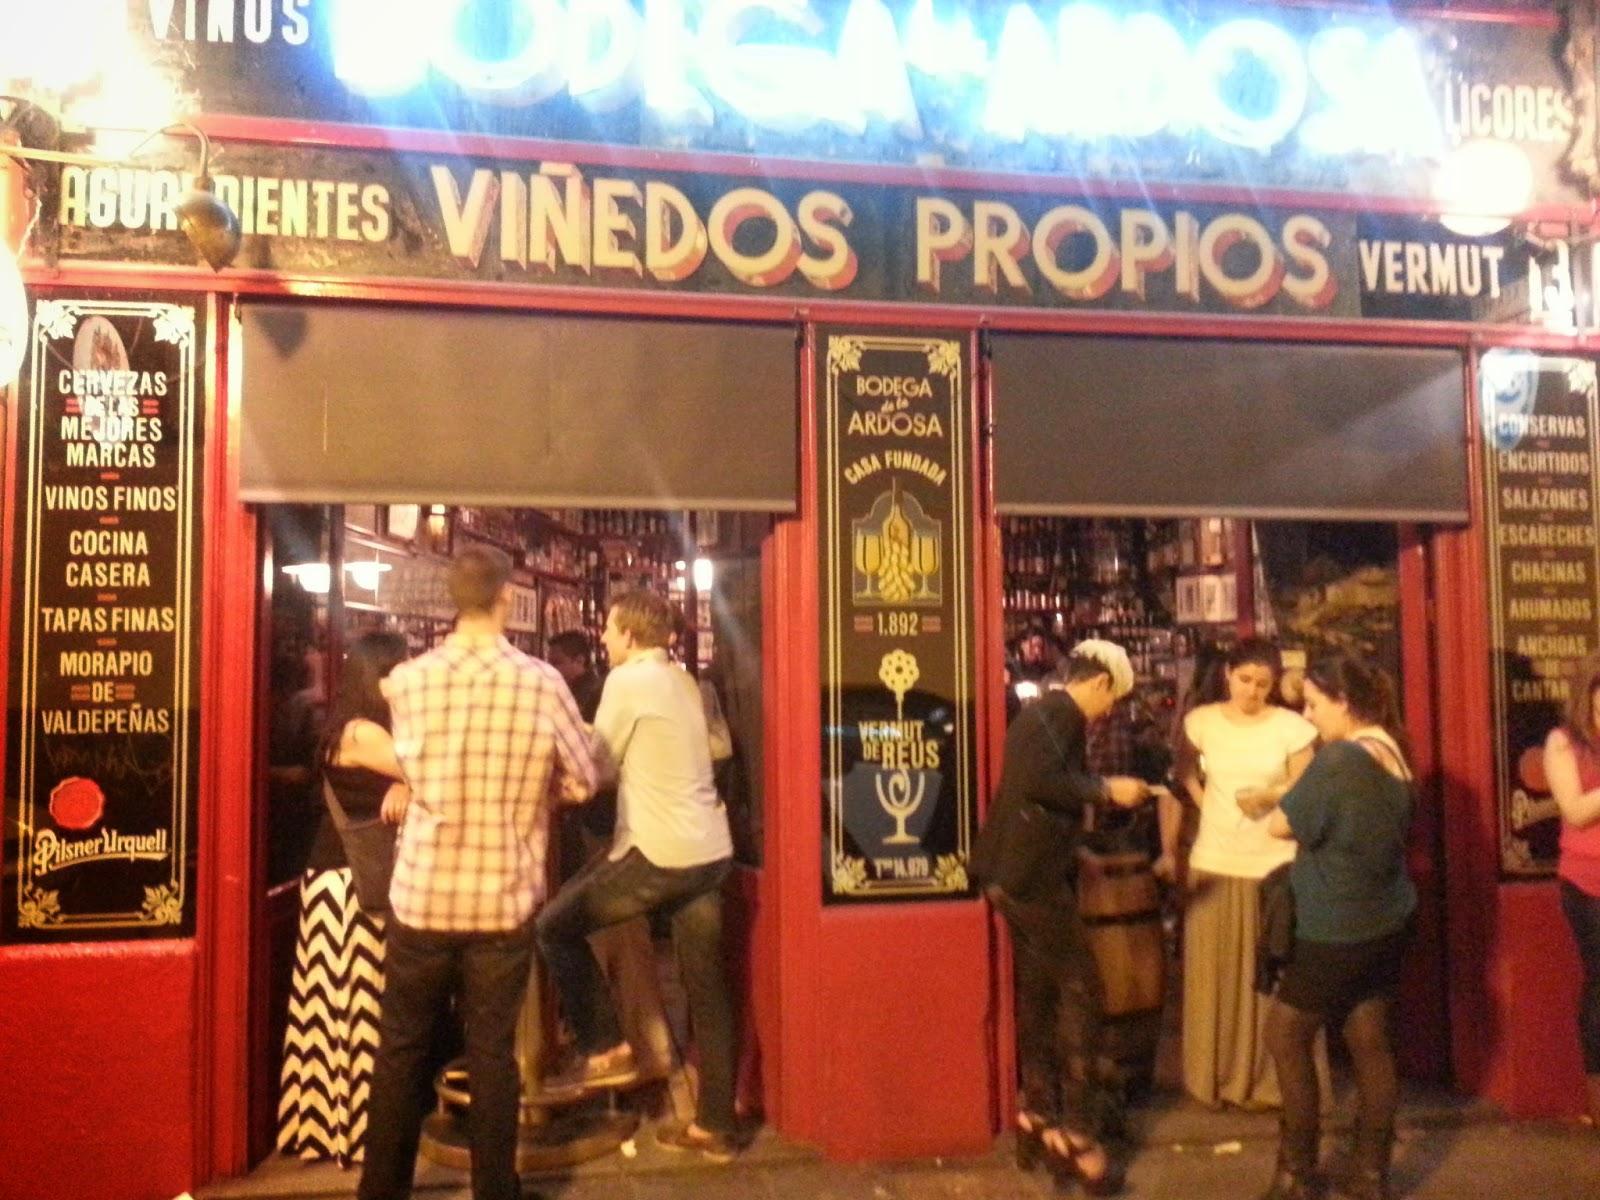 Inspeccion Tabernaria. Chueca. Mercado San Antón.